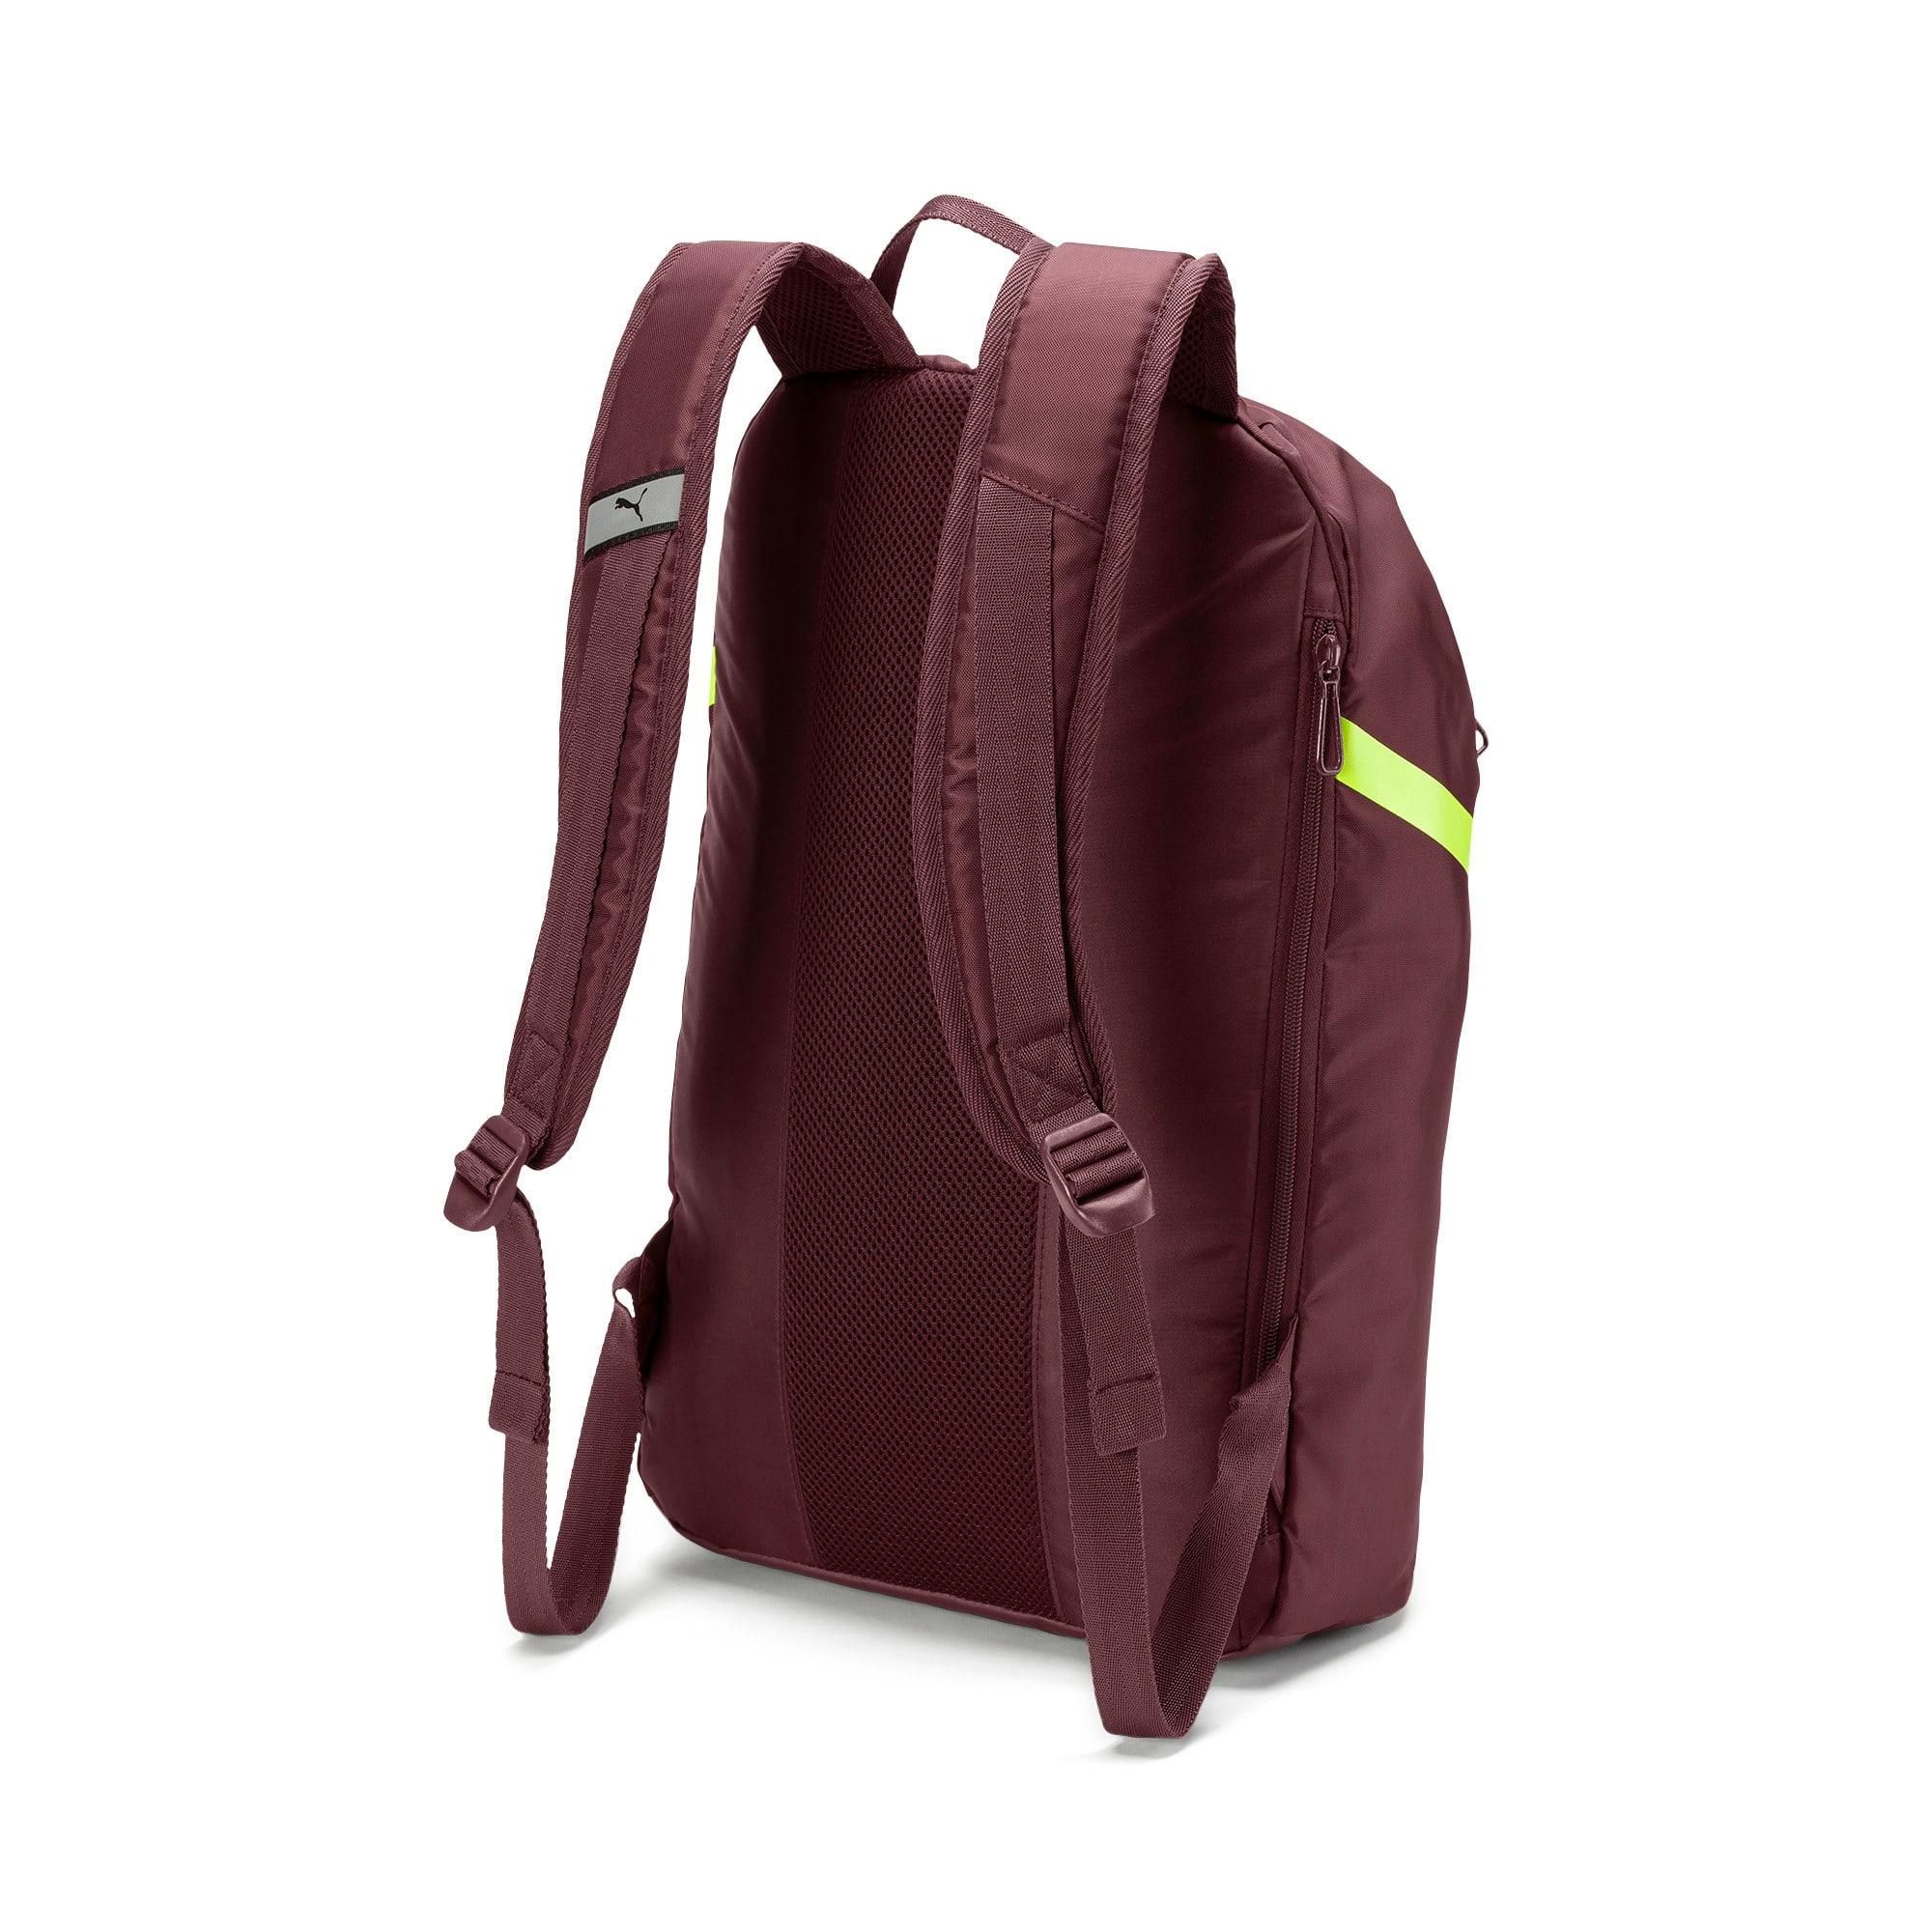 Thumbnail 3 of AT Shift Backpack, Vineyard Wine, medium